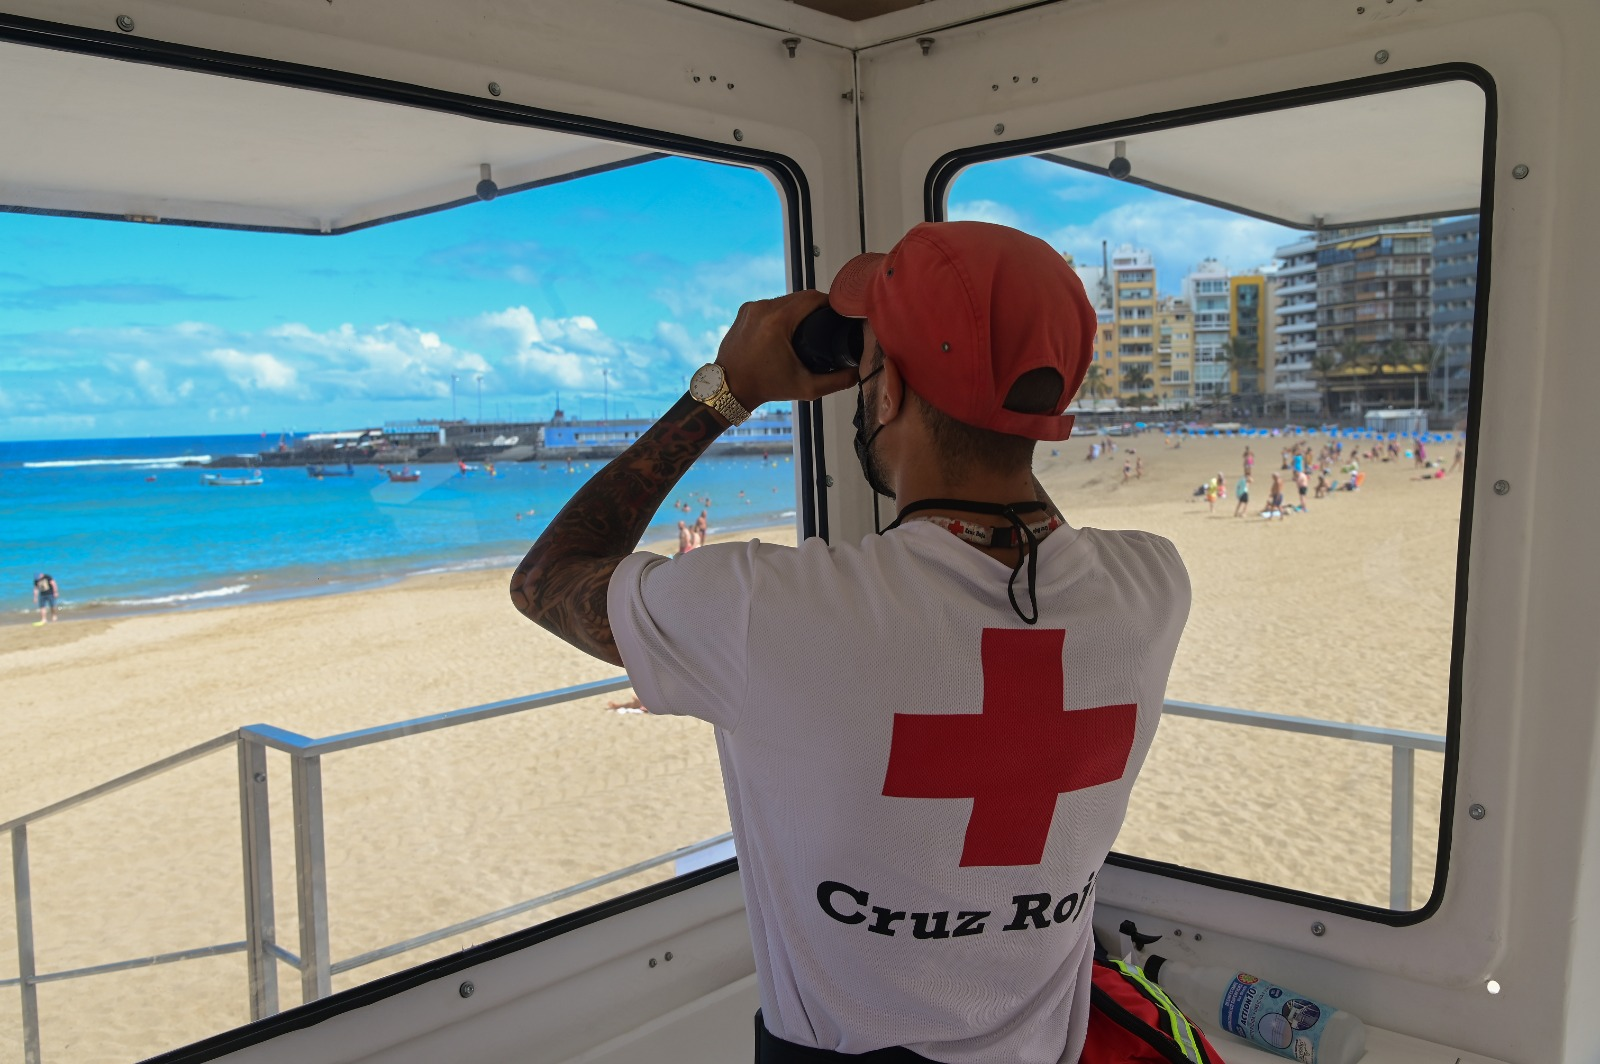 Cruz Roja en playas de Canarias